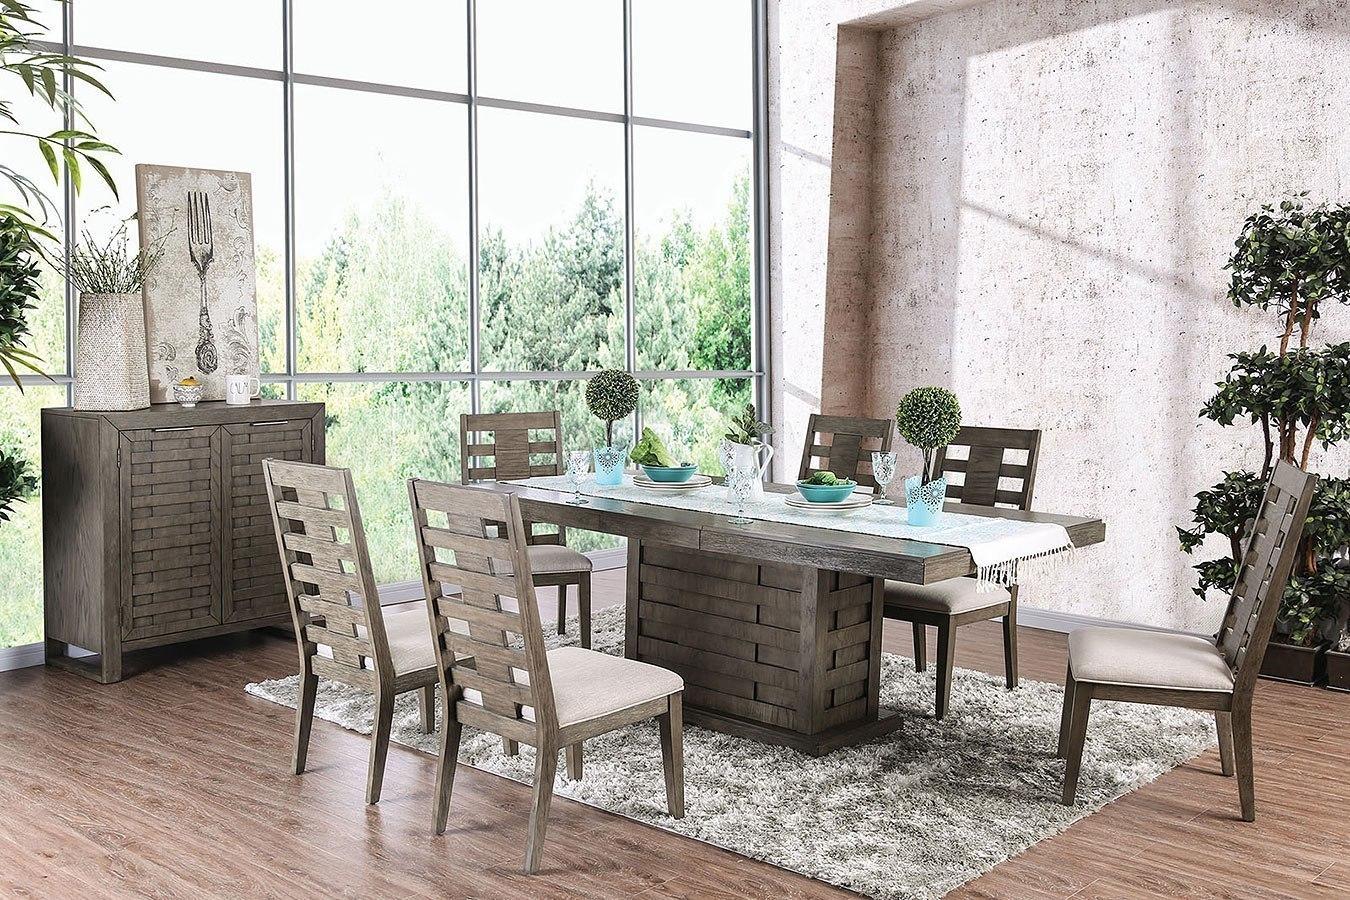 Brilliant Jayden Dining Room Set Interior Design Ideas Helimdqseriescom